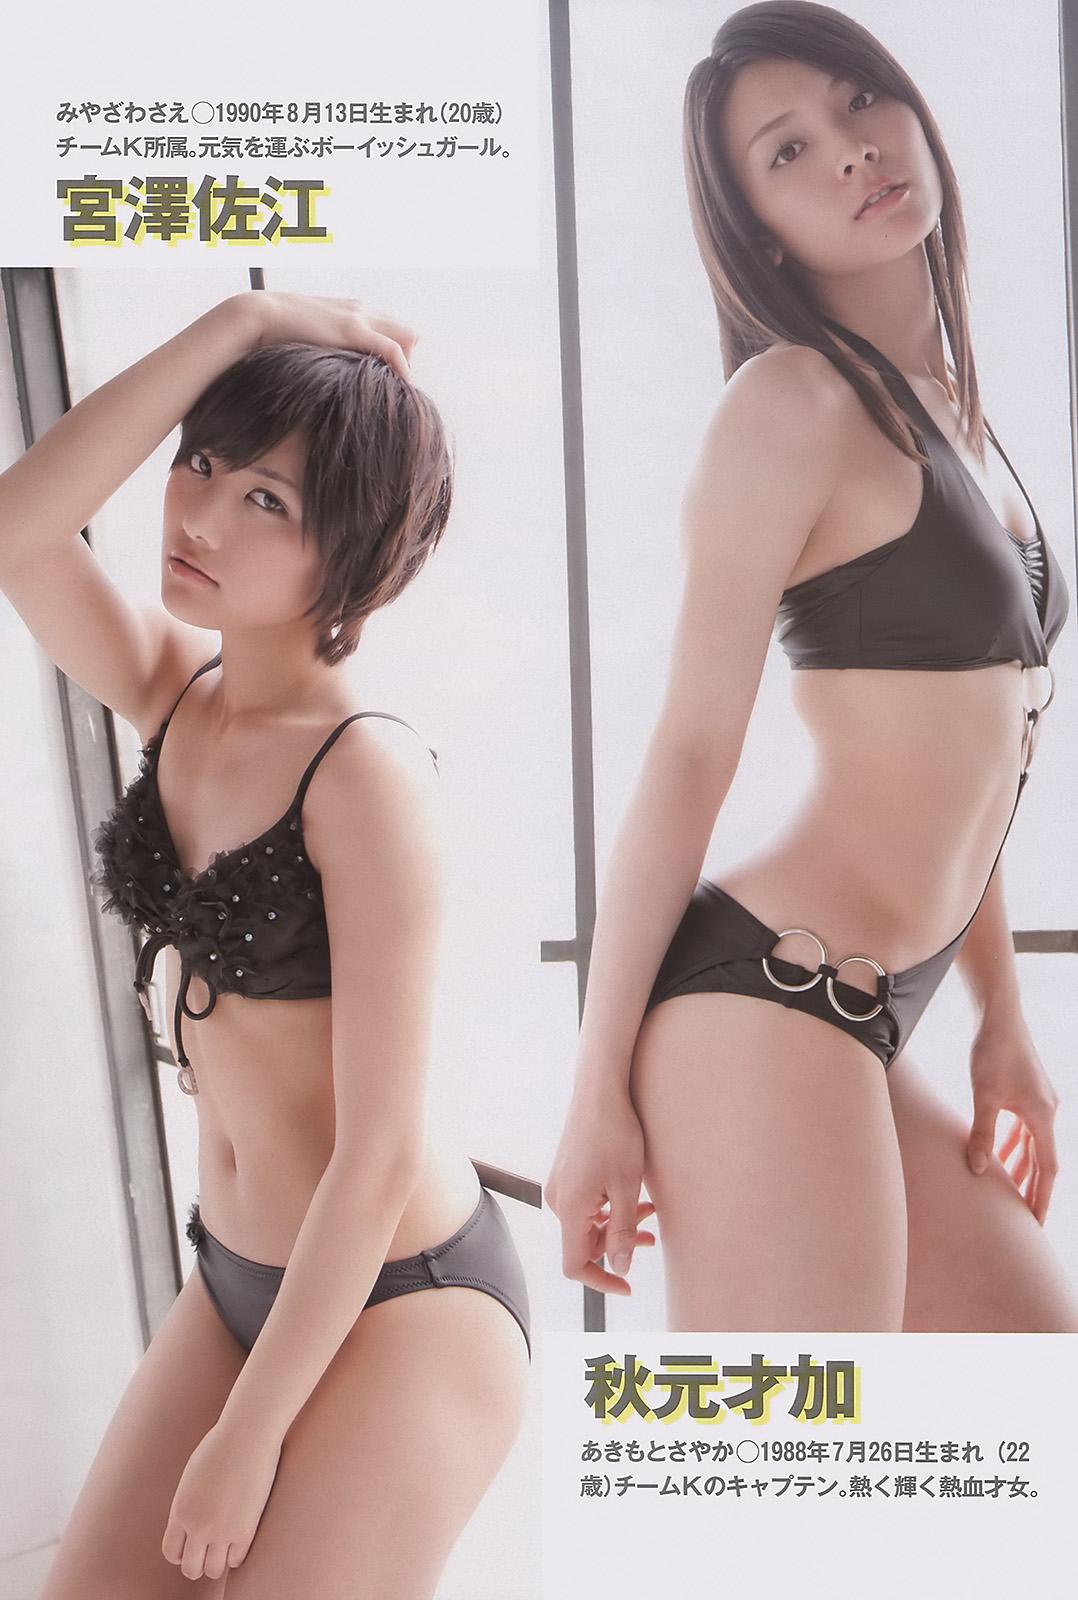 宜搜高清美女组�_[美女]日本美女团体akb48超性感登场